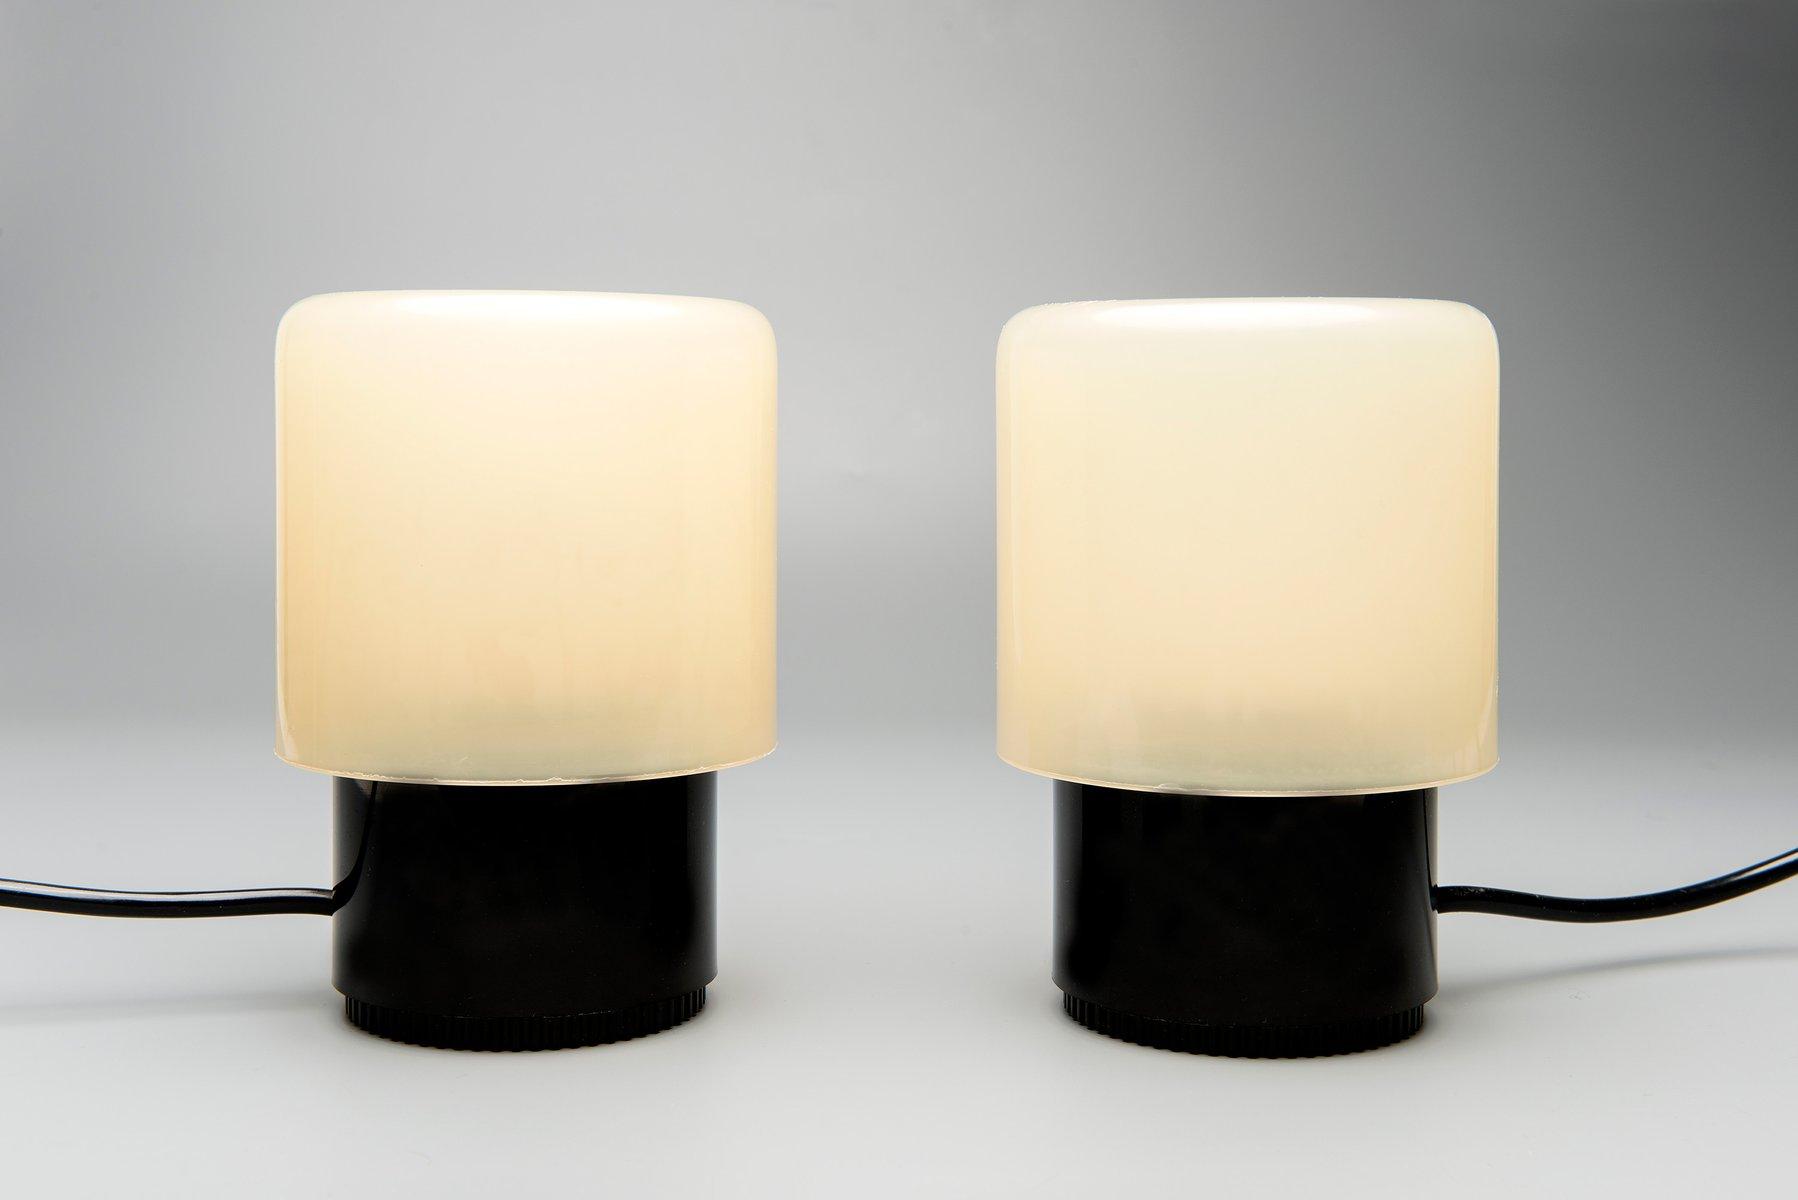 Lampade da tavolo kd32 di giotto stoppino per kartell - Kit per lampade da tavolo ...